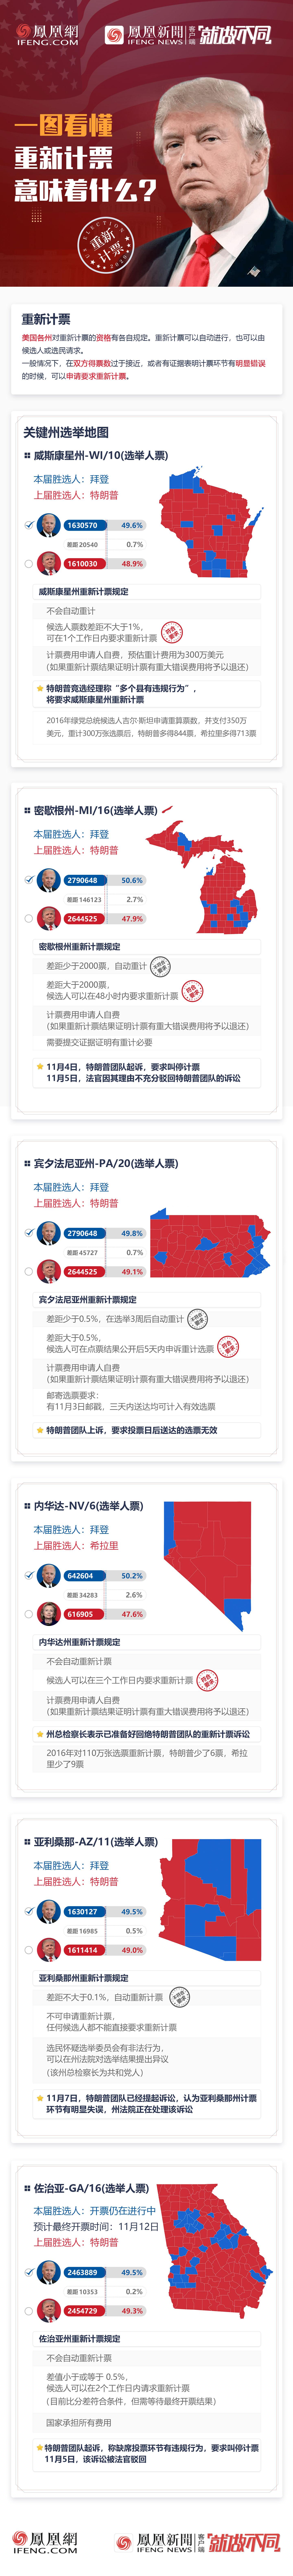 一图看懂:拜登宣布胜选,重计选票特朗普还有戏吗?